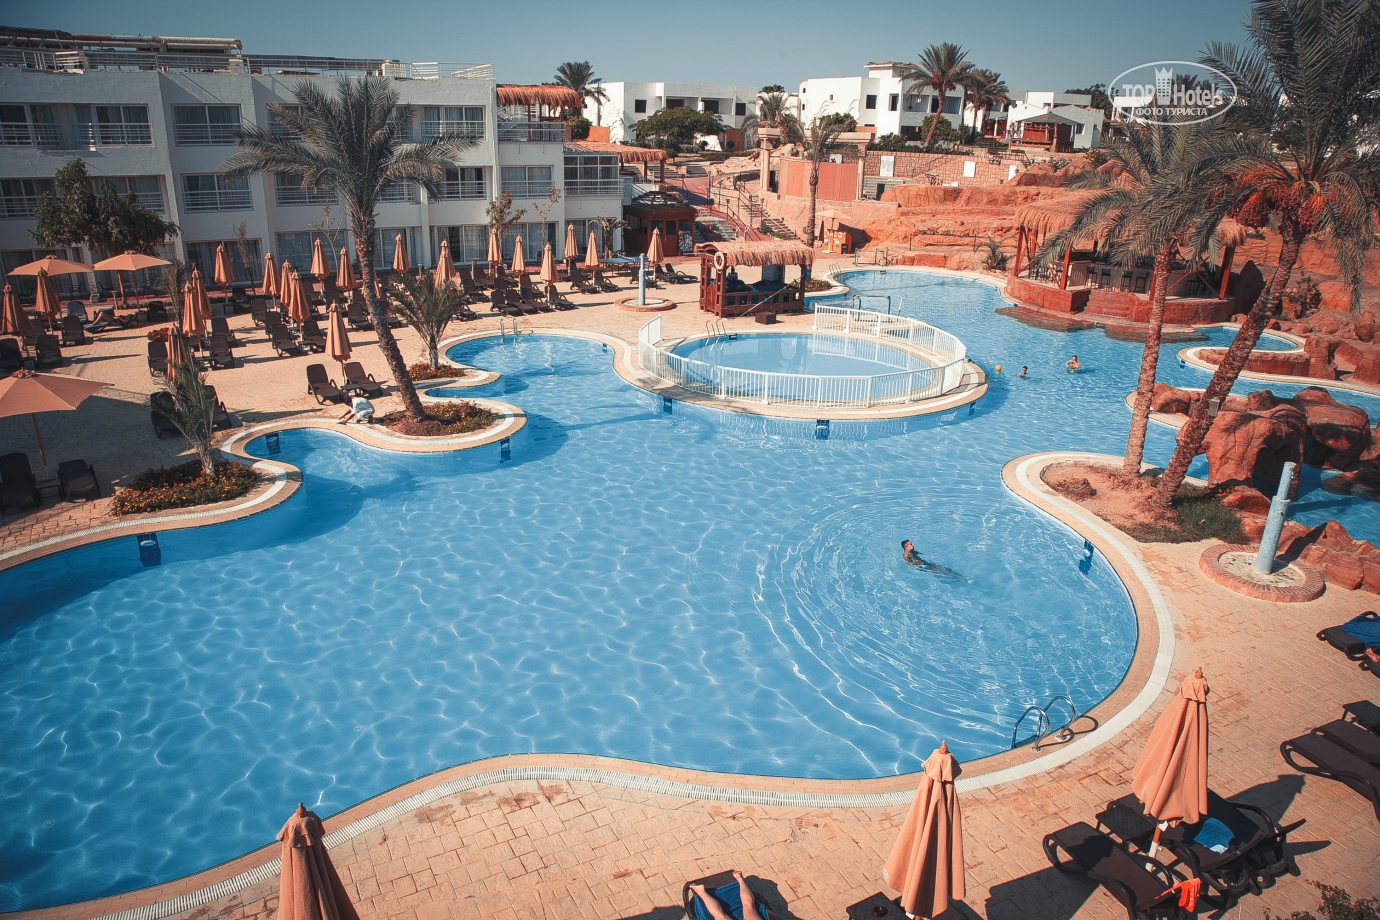 Отель шарминг инн в шармаль шейхе фото